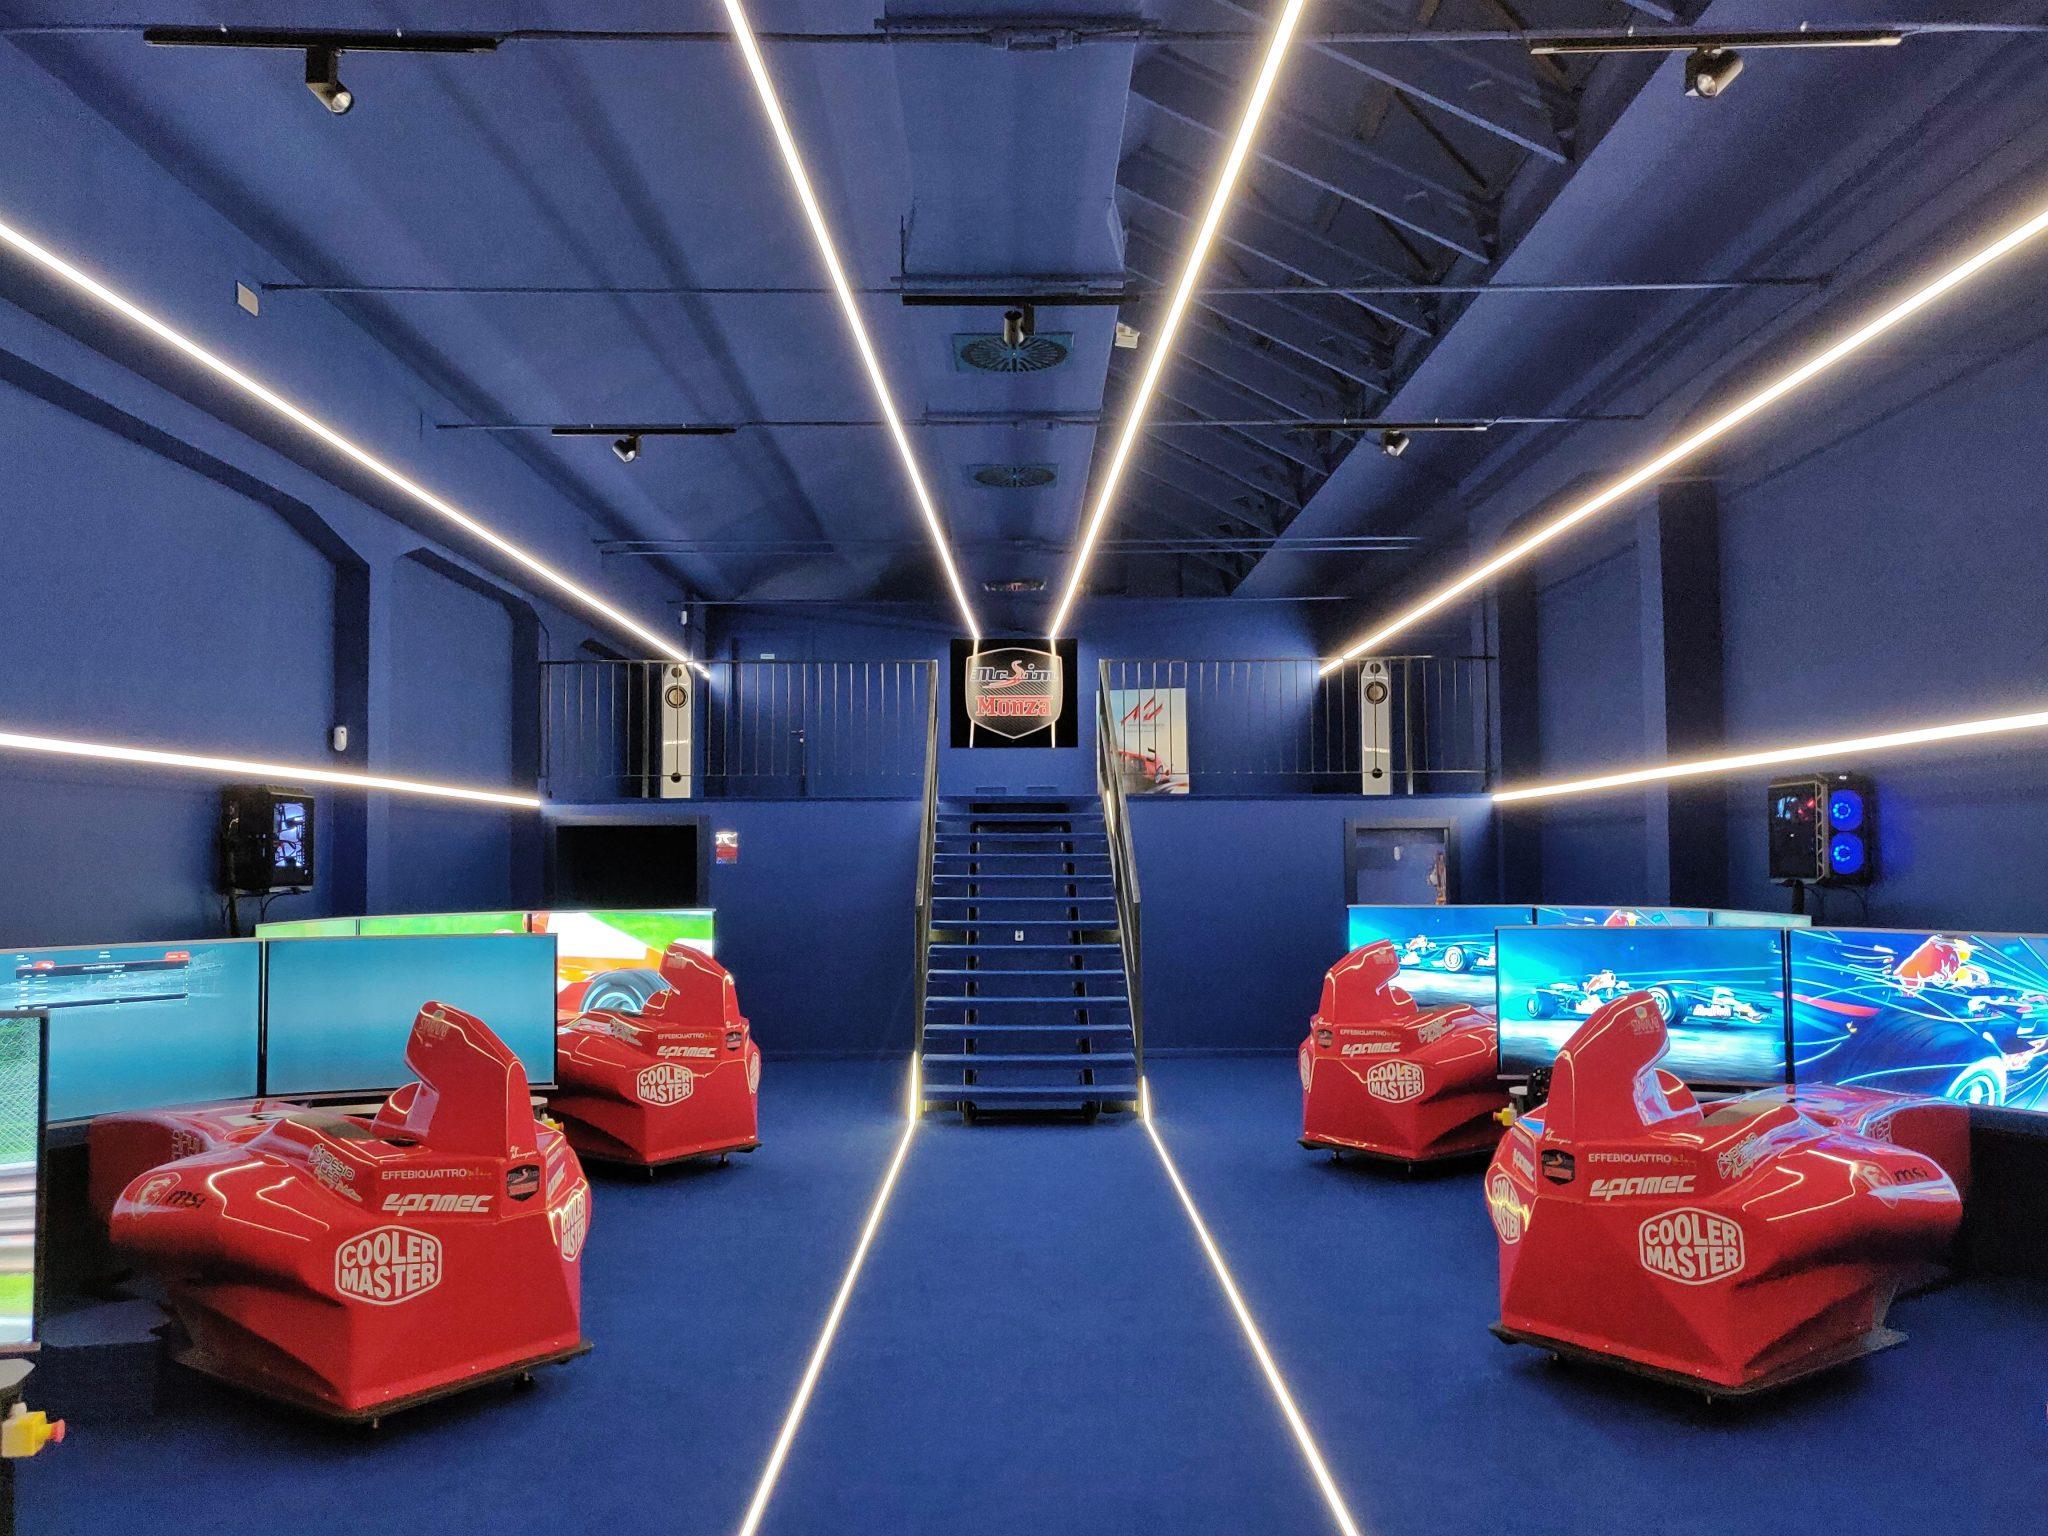 mcsim simulatore virtuale realtà f1 formula uno corsa pilota monza benessere tecnologico tecnolaura laura fasano